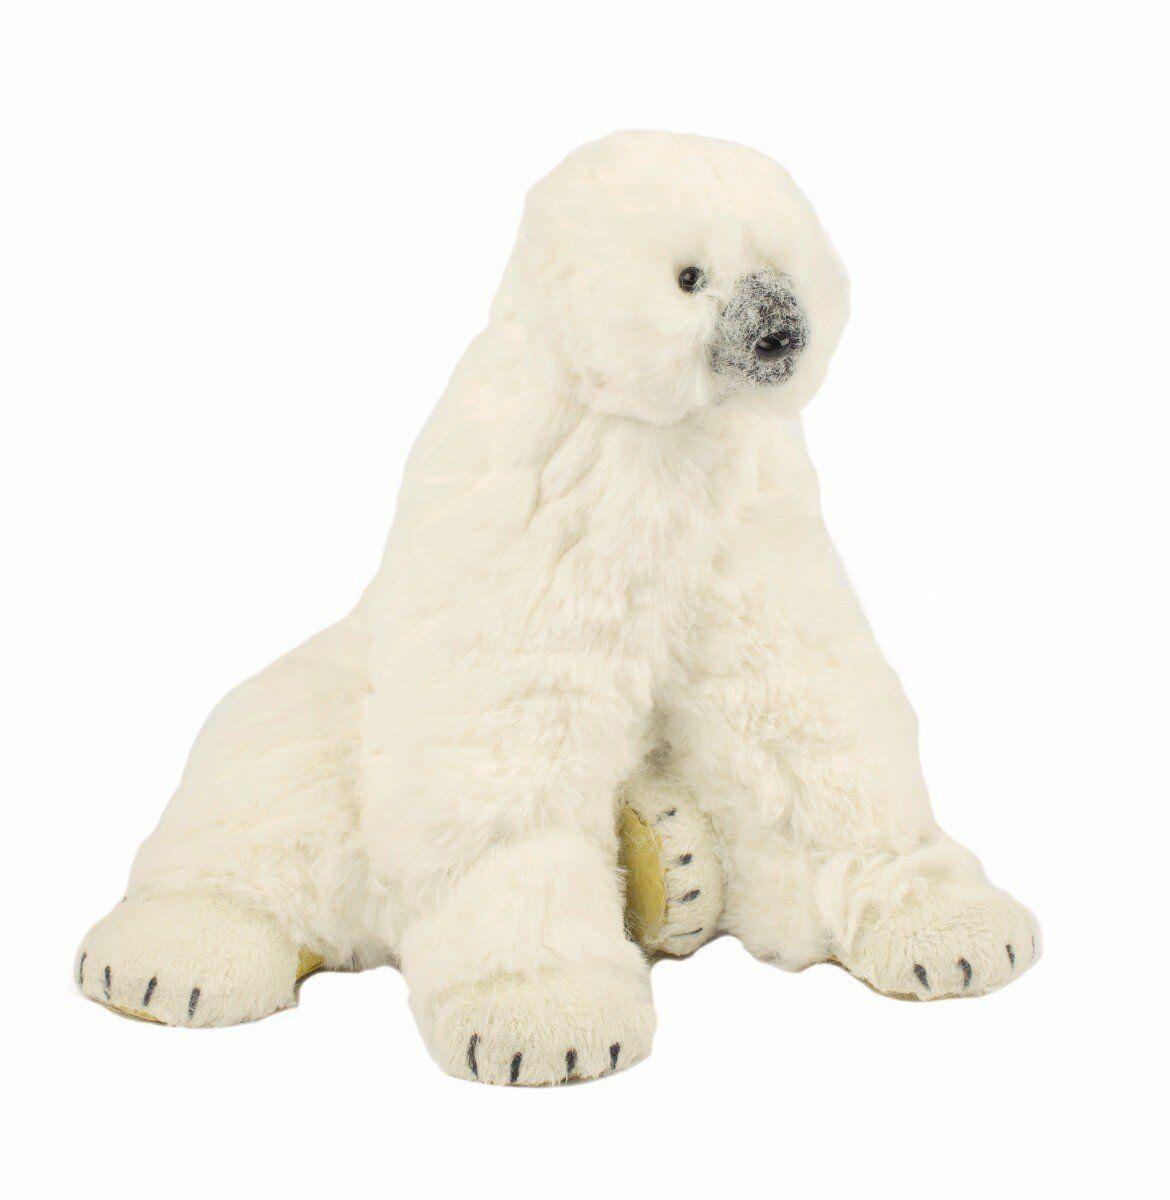 Figurka niedźwiedź siedzący 21x18x20cm